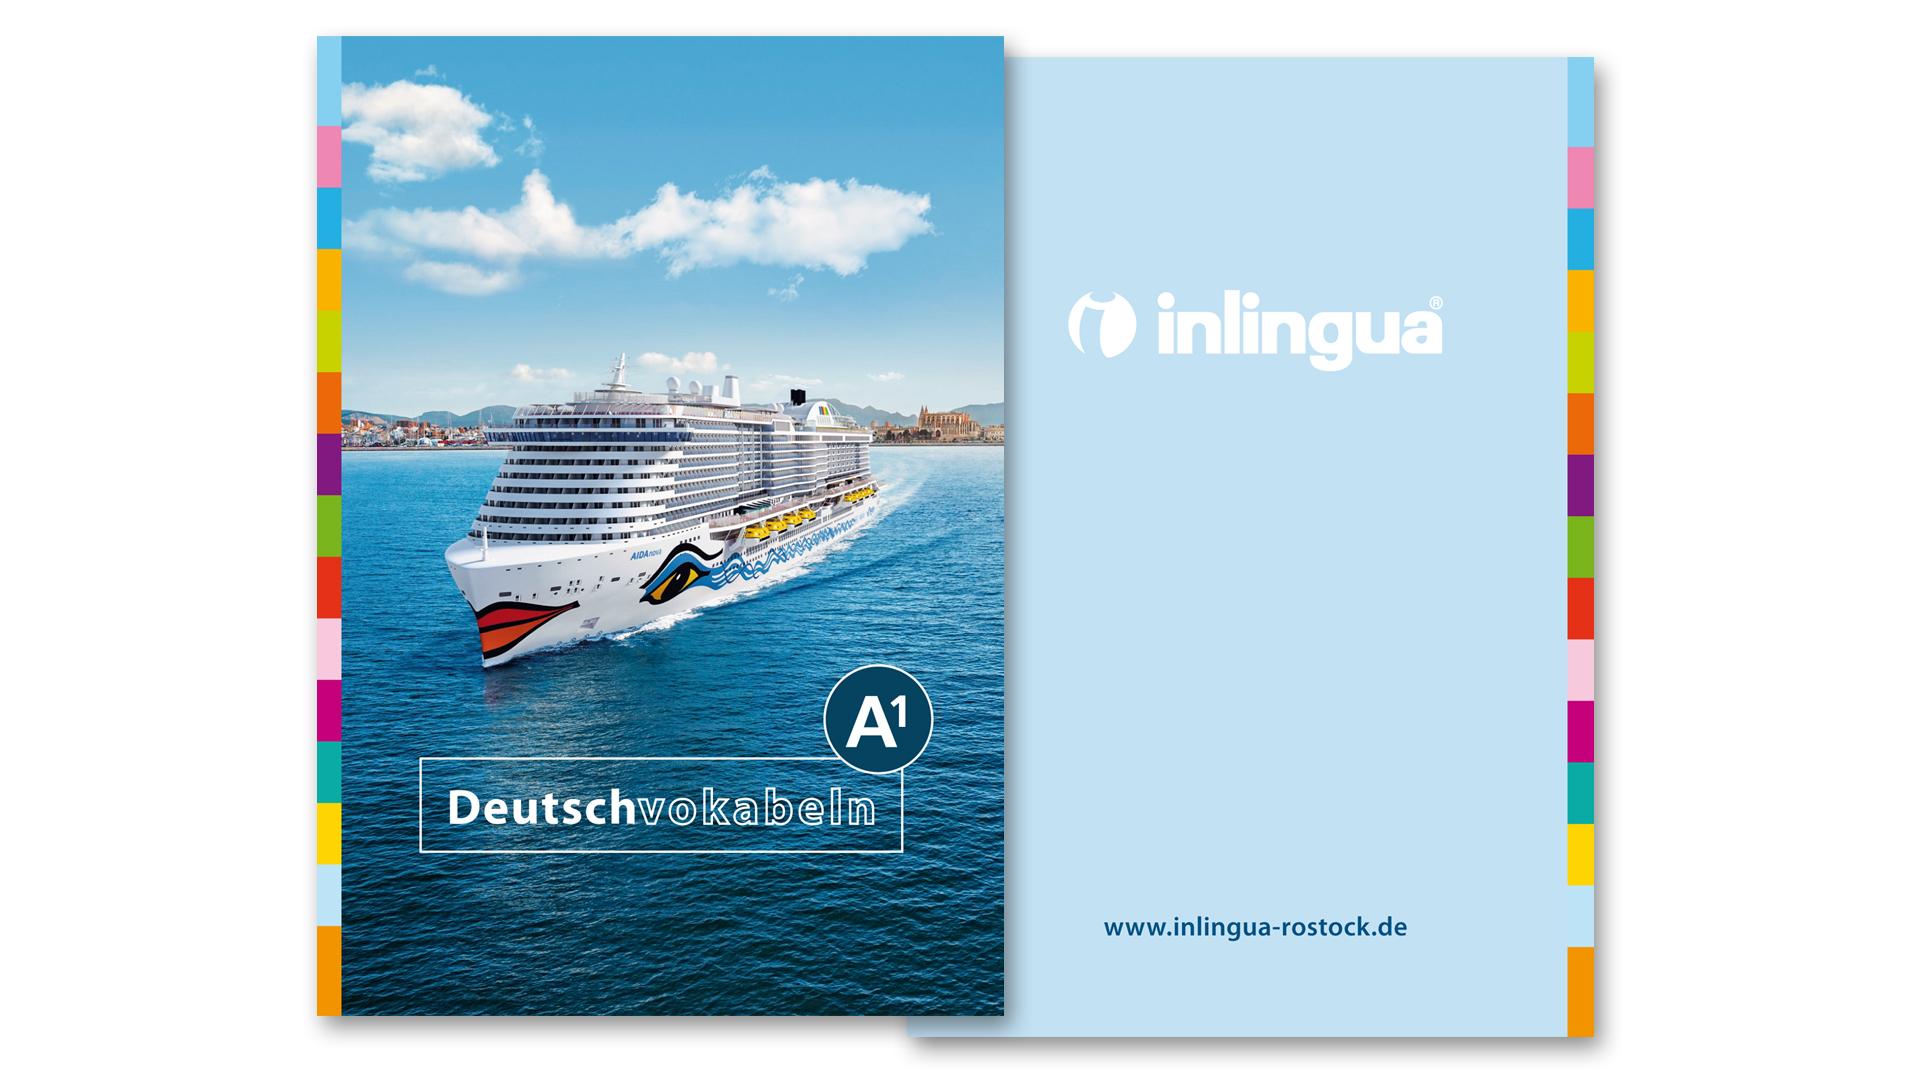 inlingua-deutschvokabeln-buch-umschlag